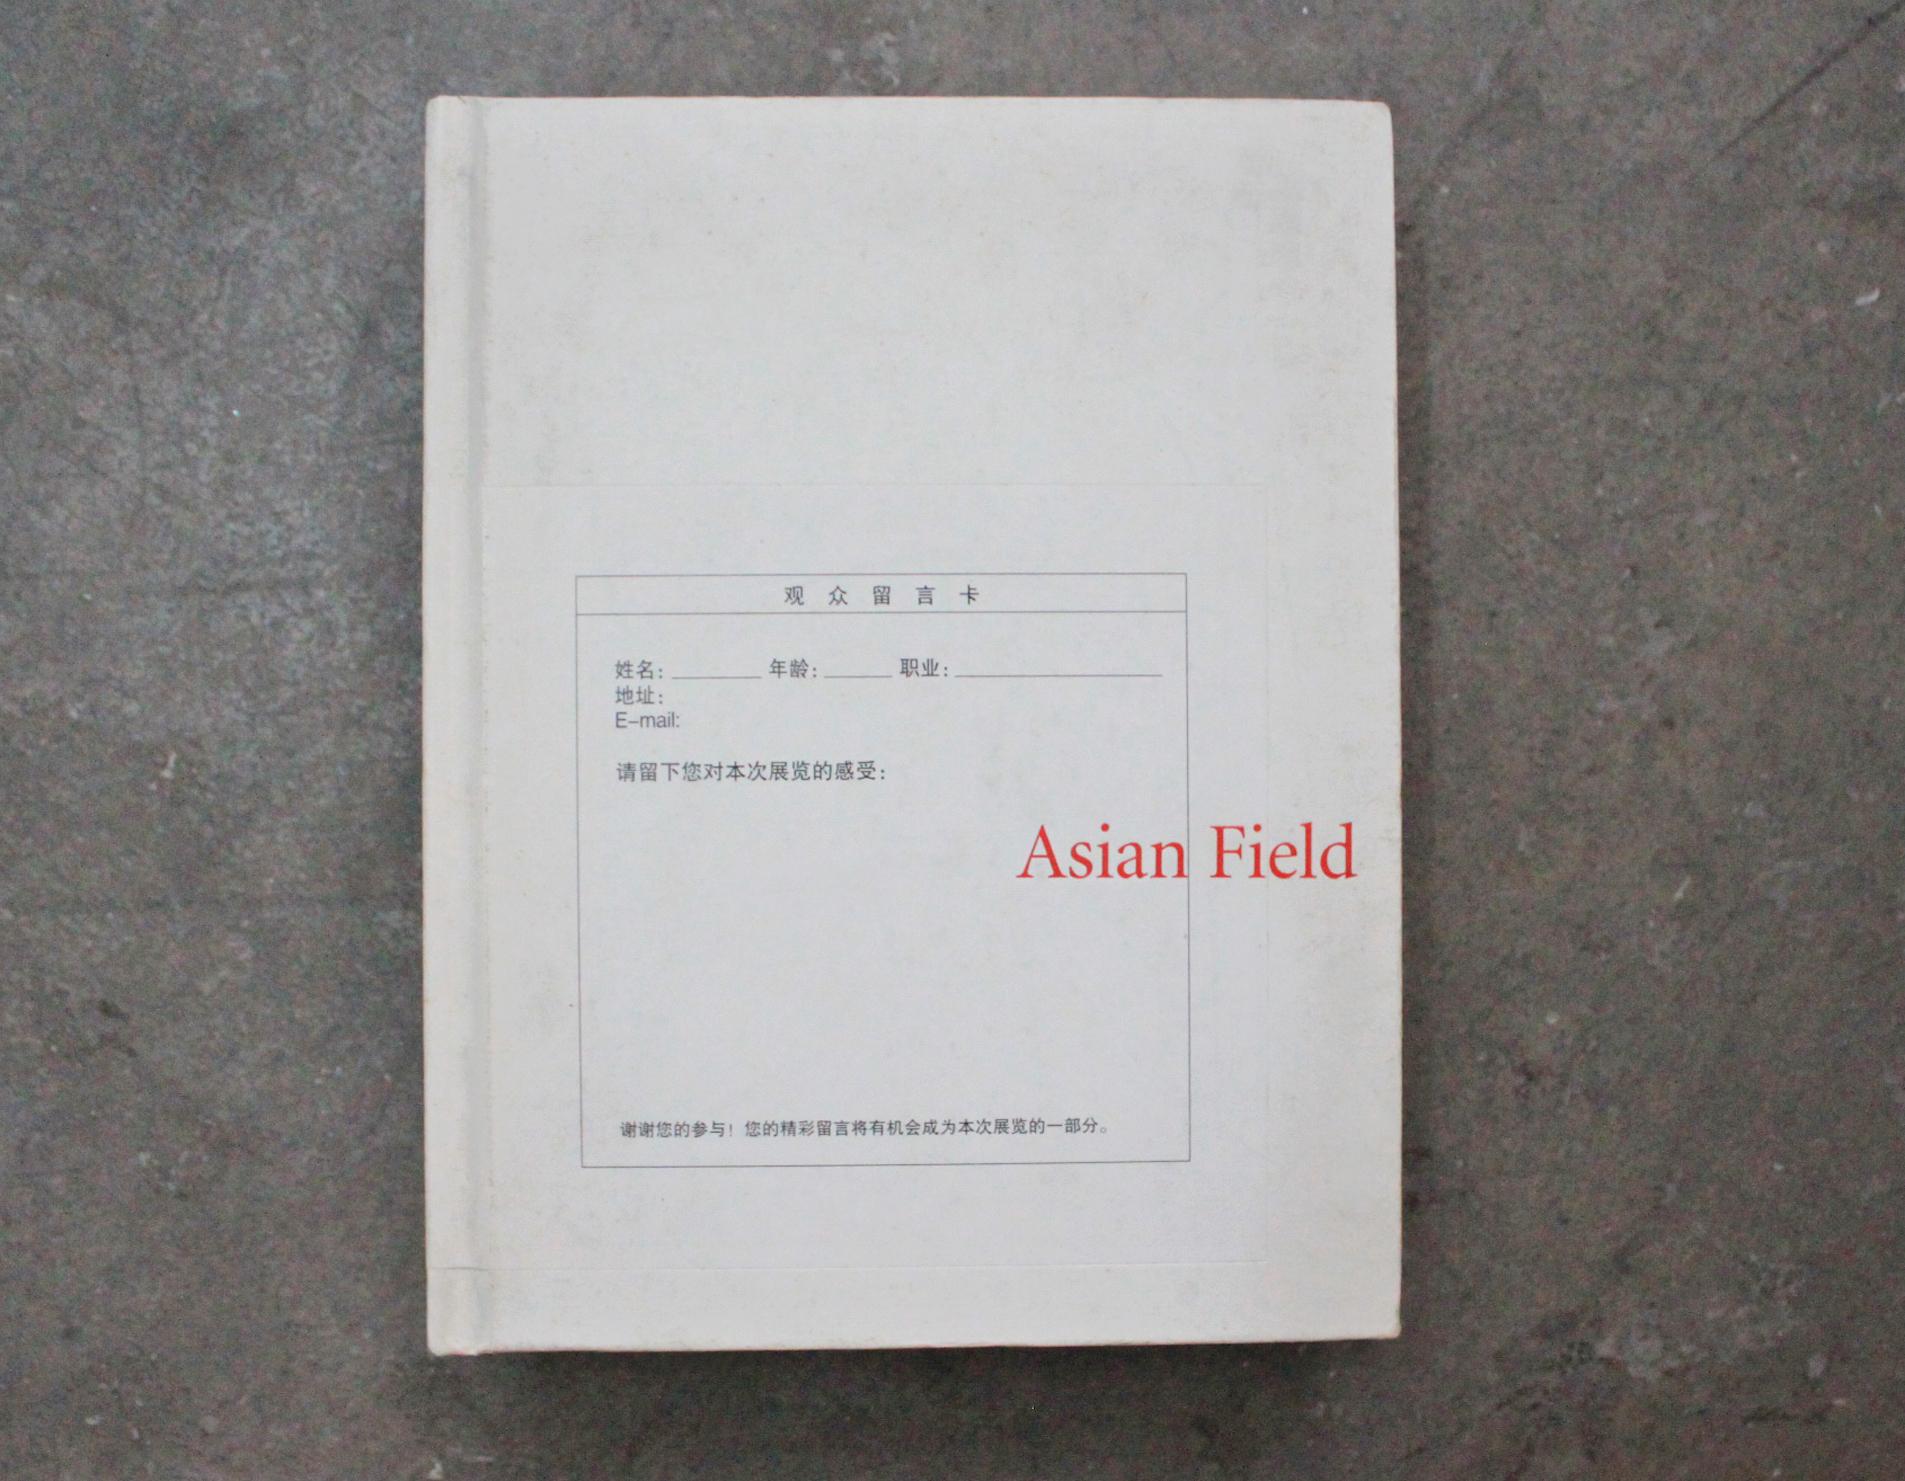 安东尼•葛姆雷:Asian Field(土地) (2)